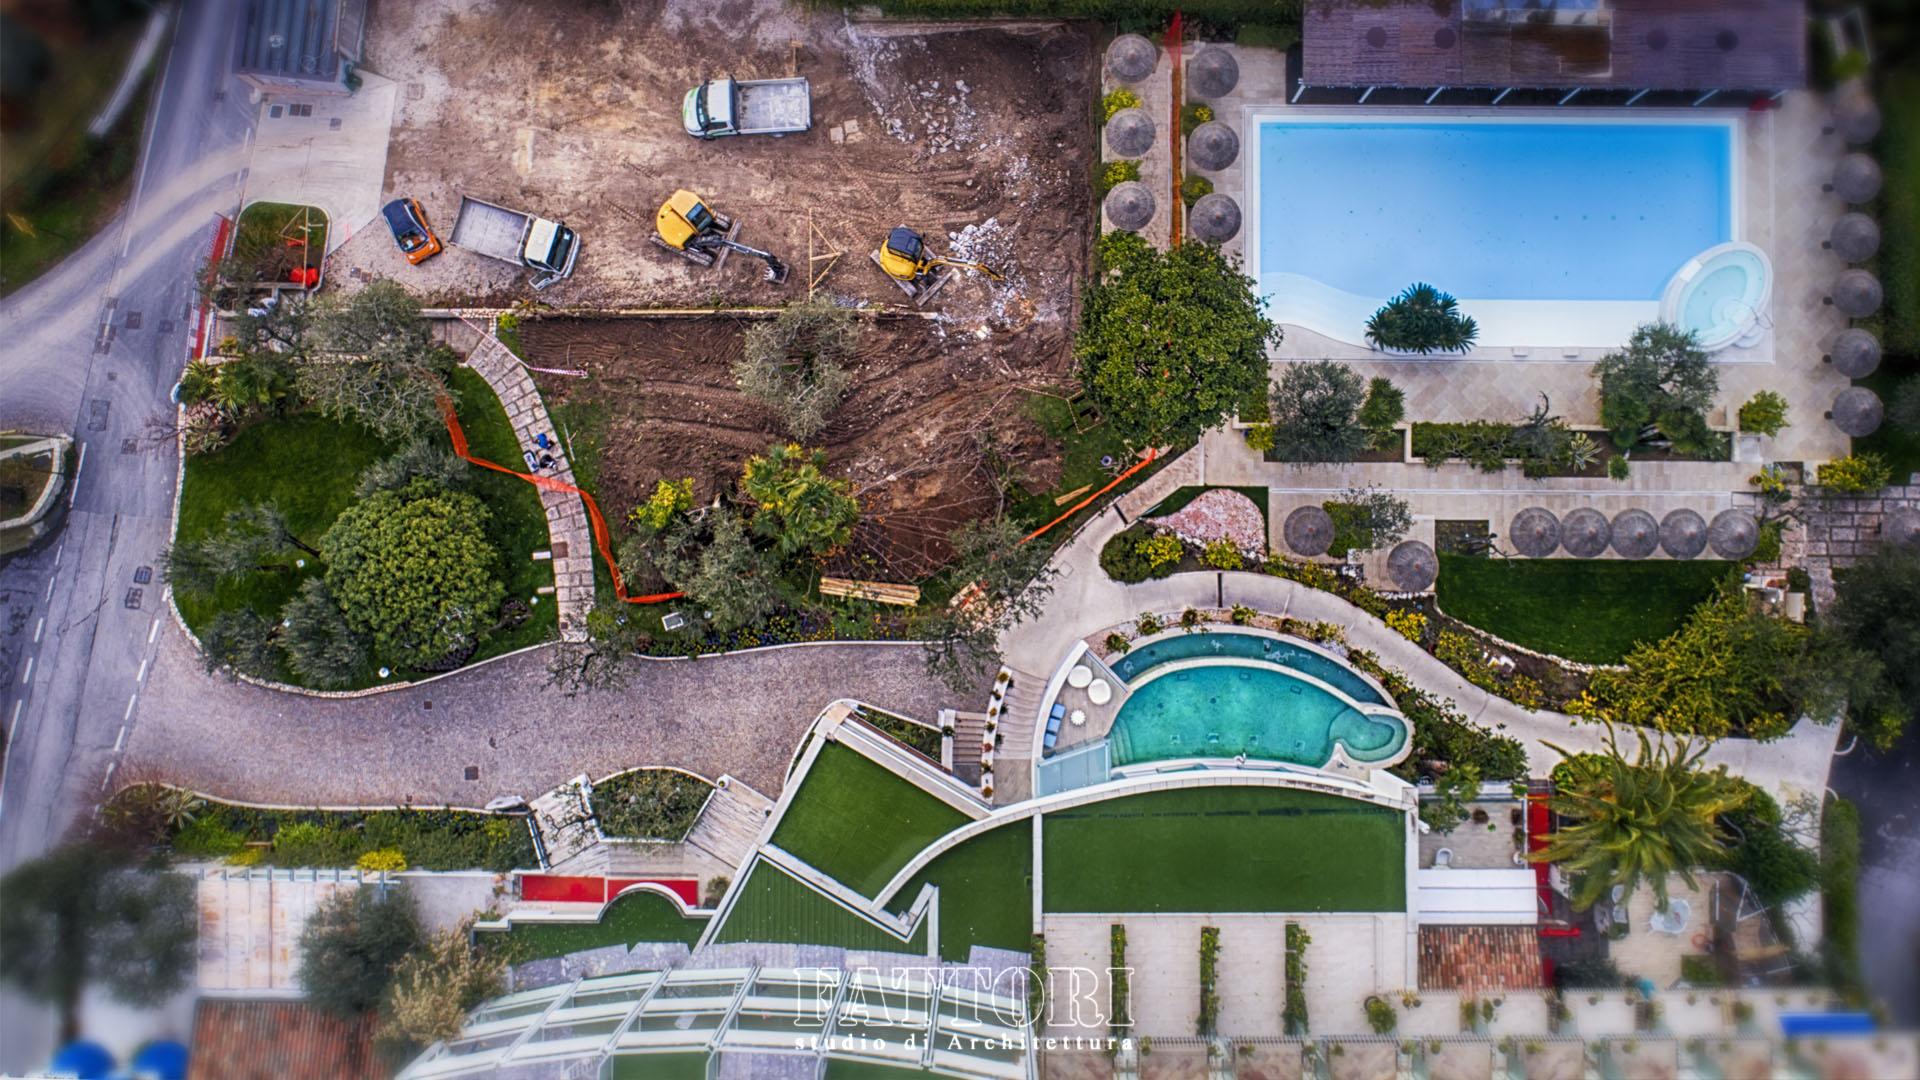 Studio di Architettura Fattori Fausto - Hotel Olivi Sirmione - progetto copertura parcheggio con solaio post teso 108